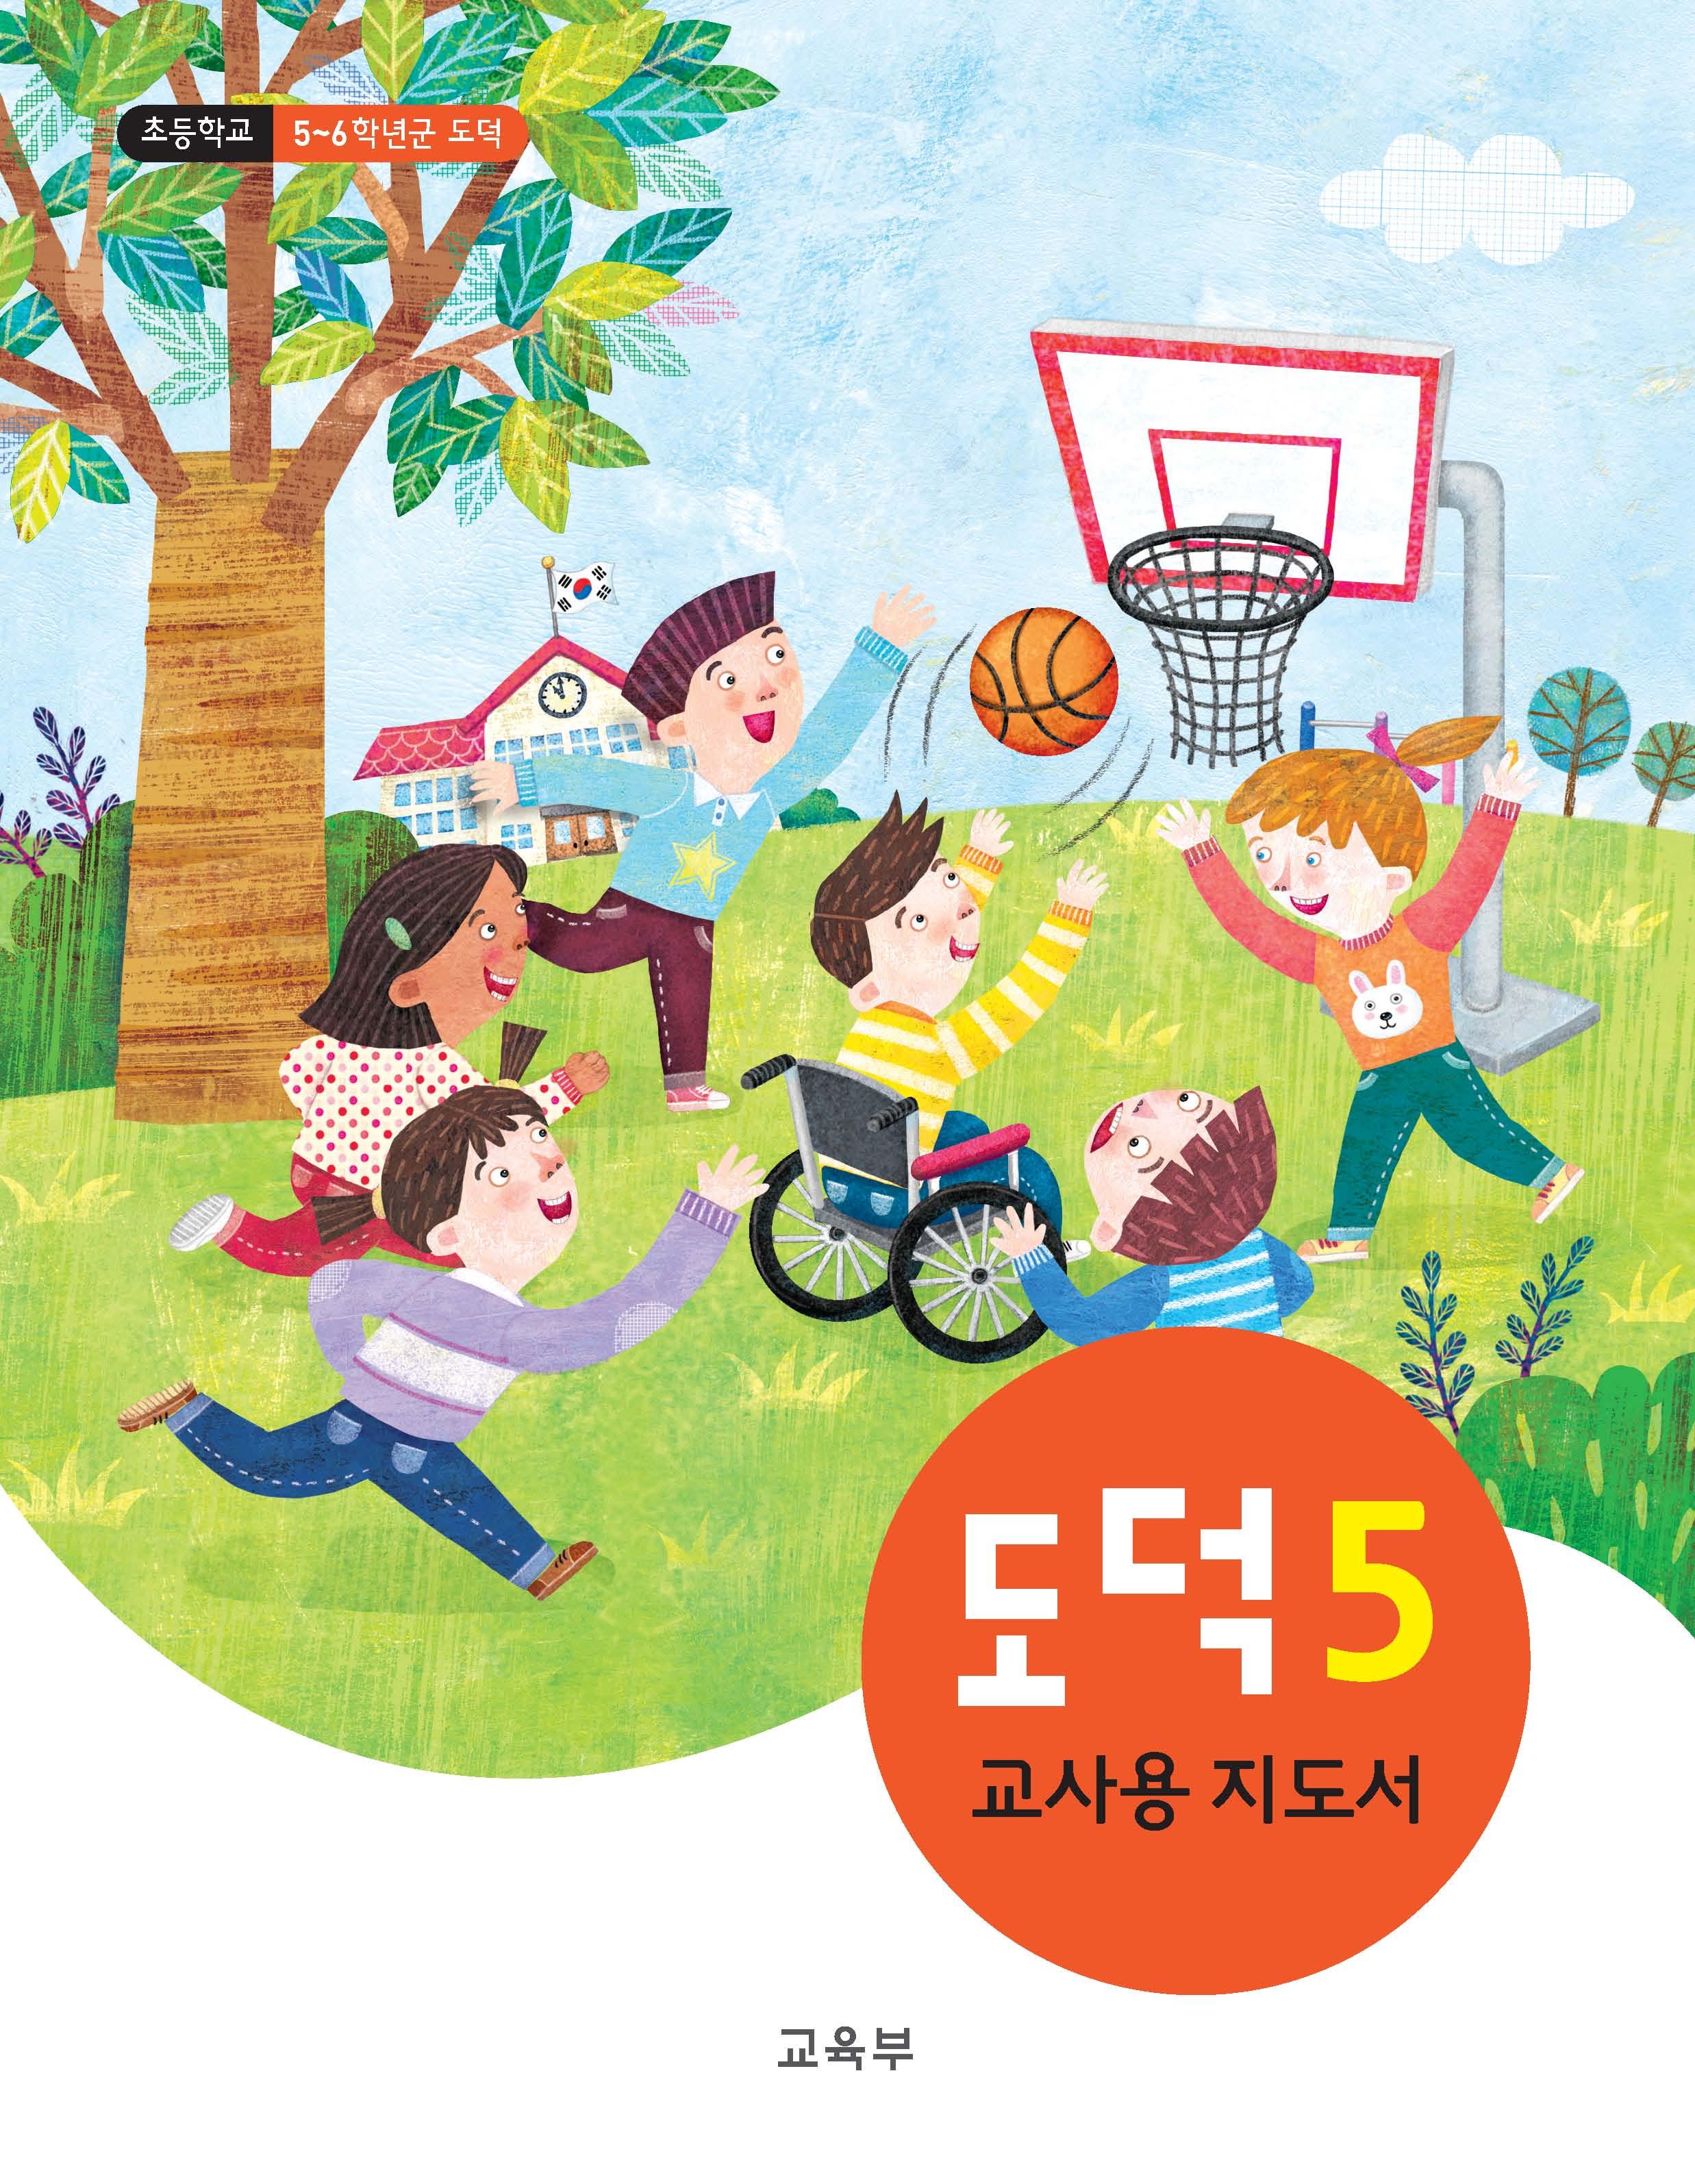 (2015개정_국정)初5~6학년군 도덕 5 지도서